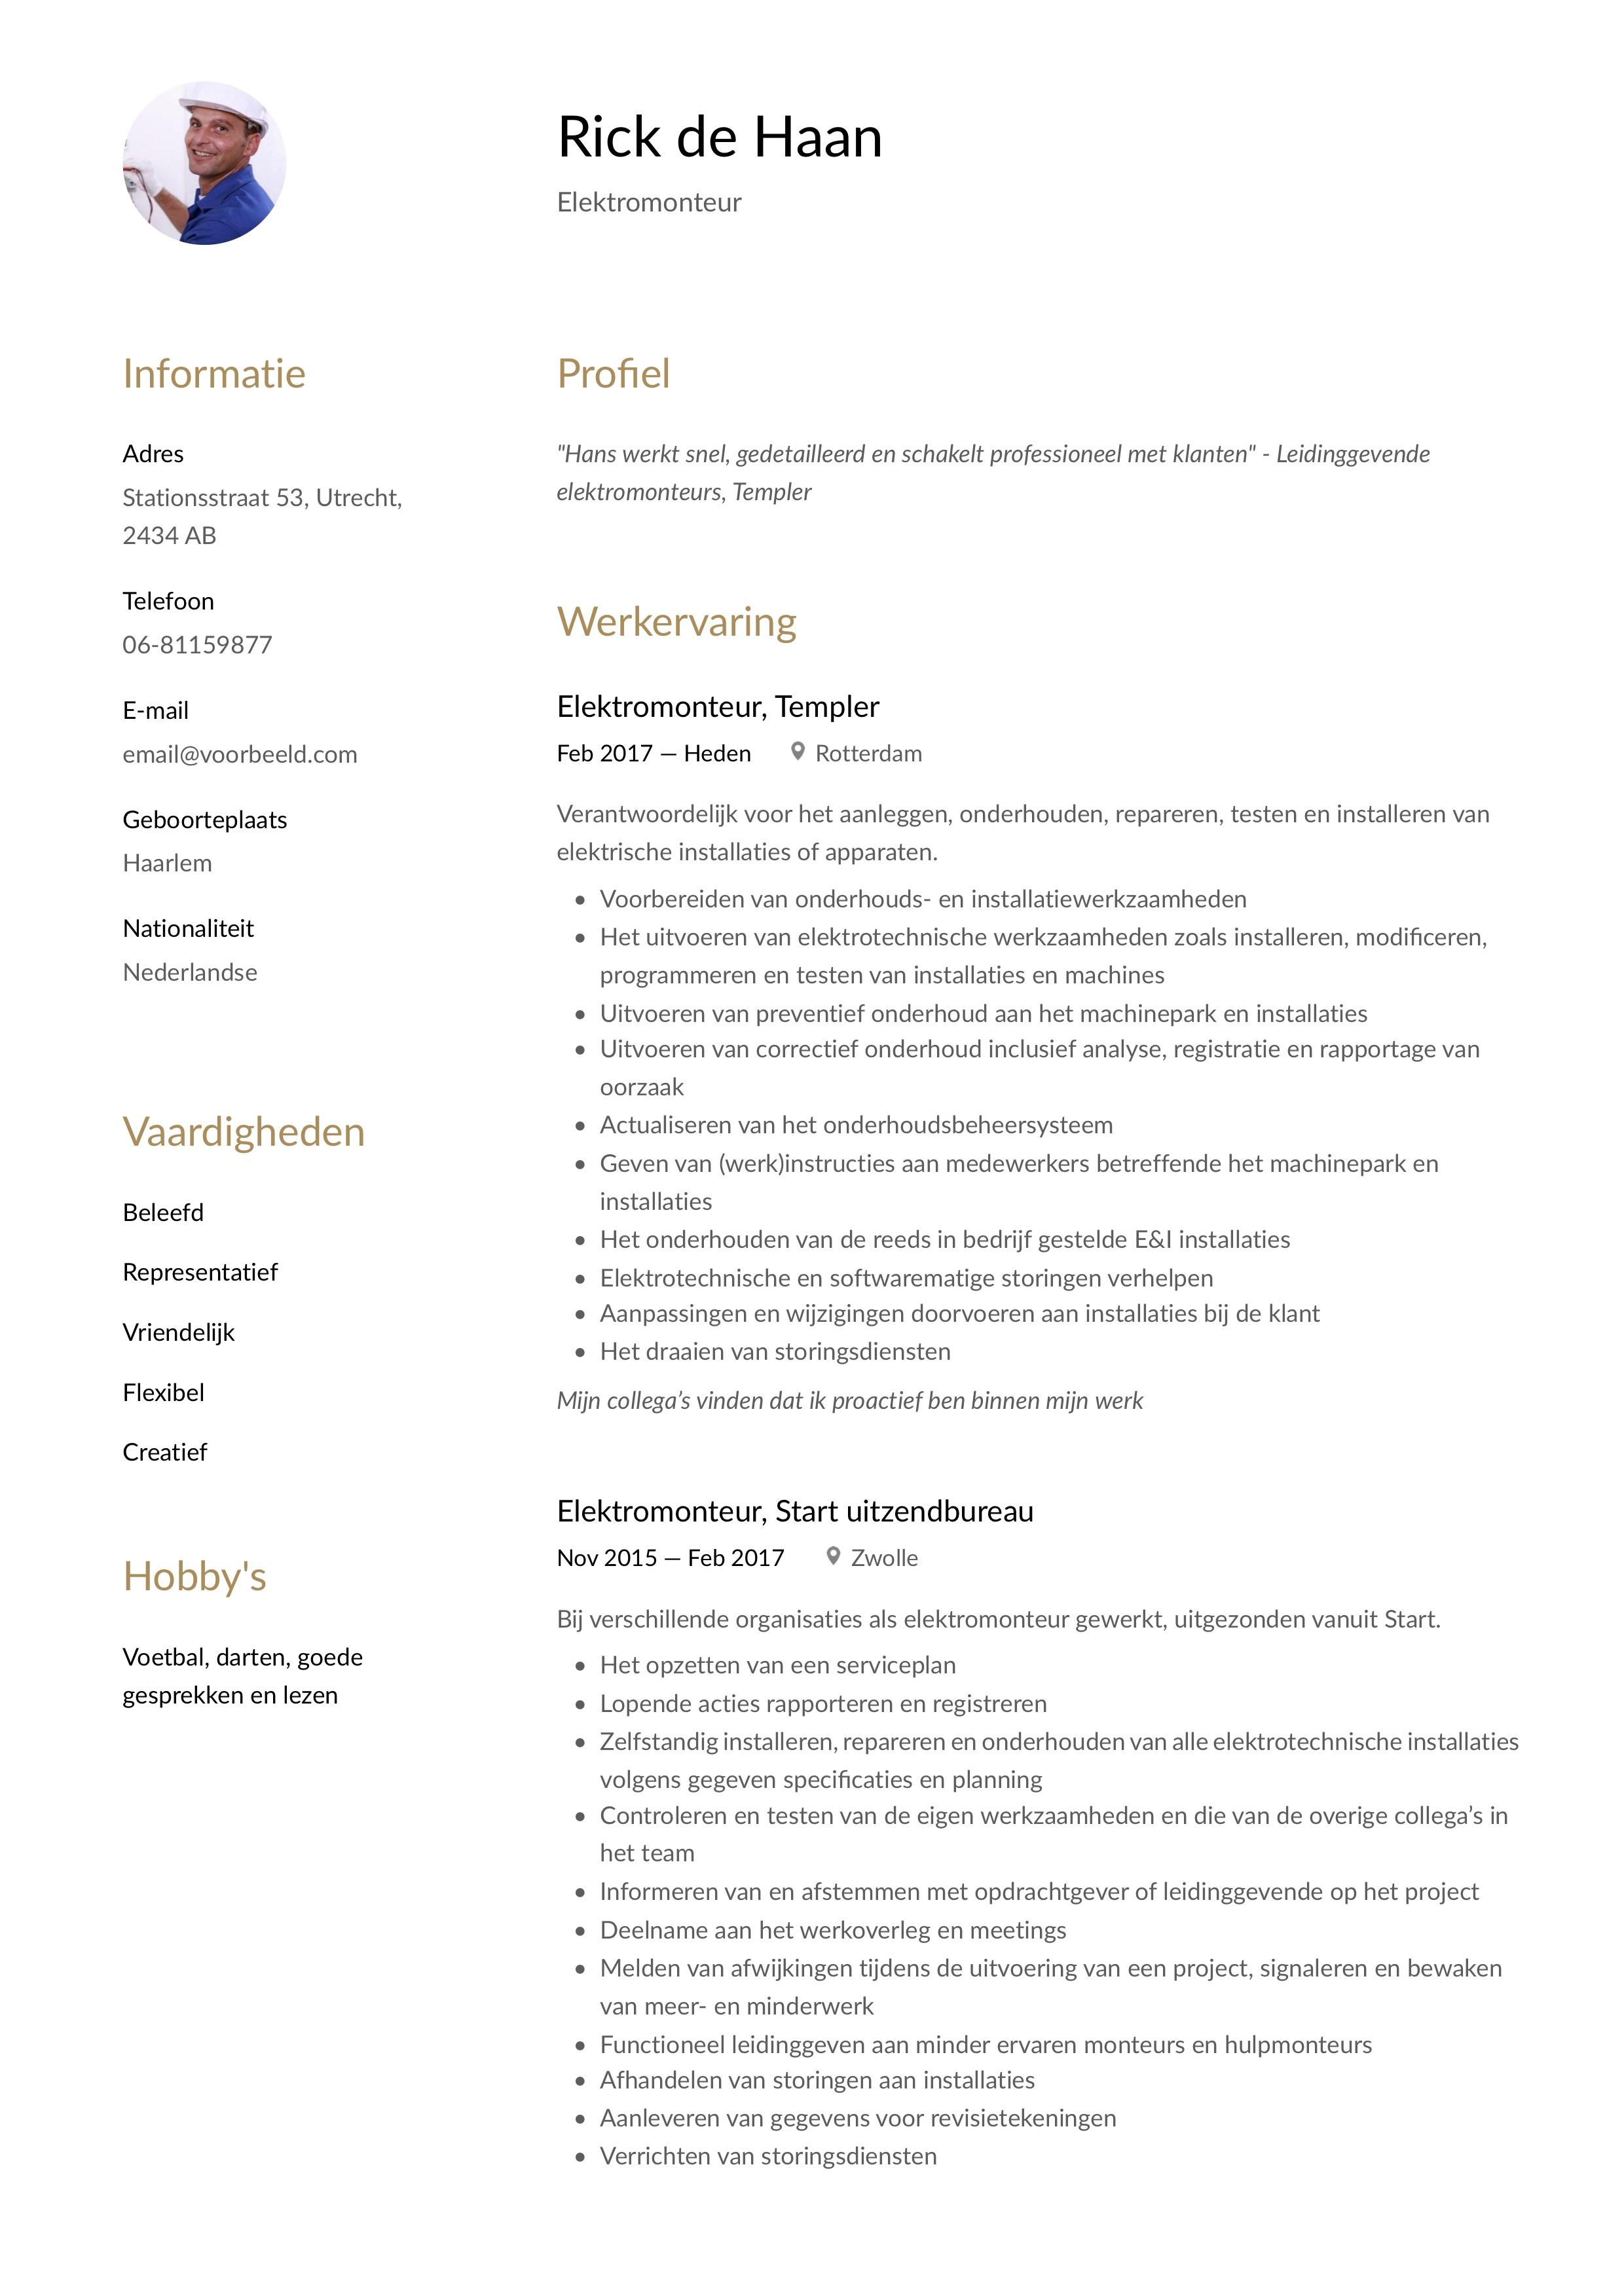 CV Voorbeeld Elektromonteur